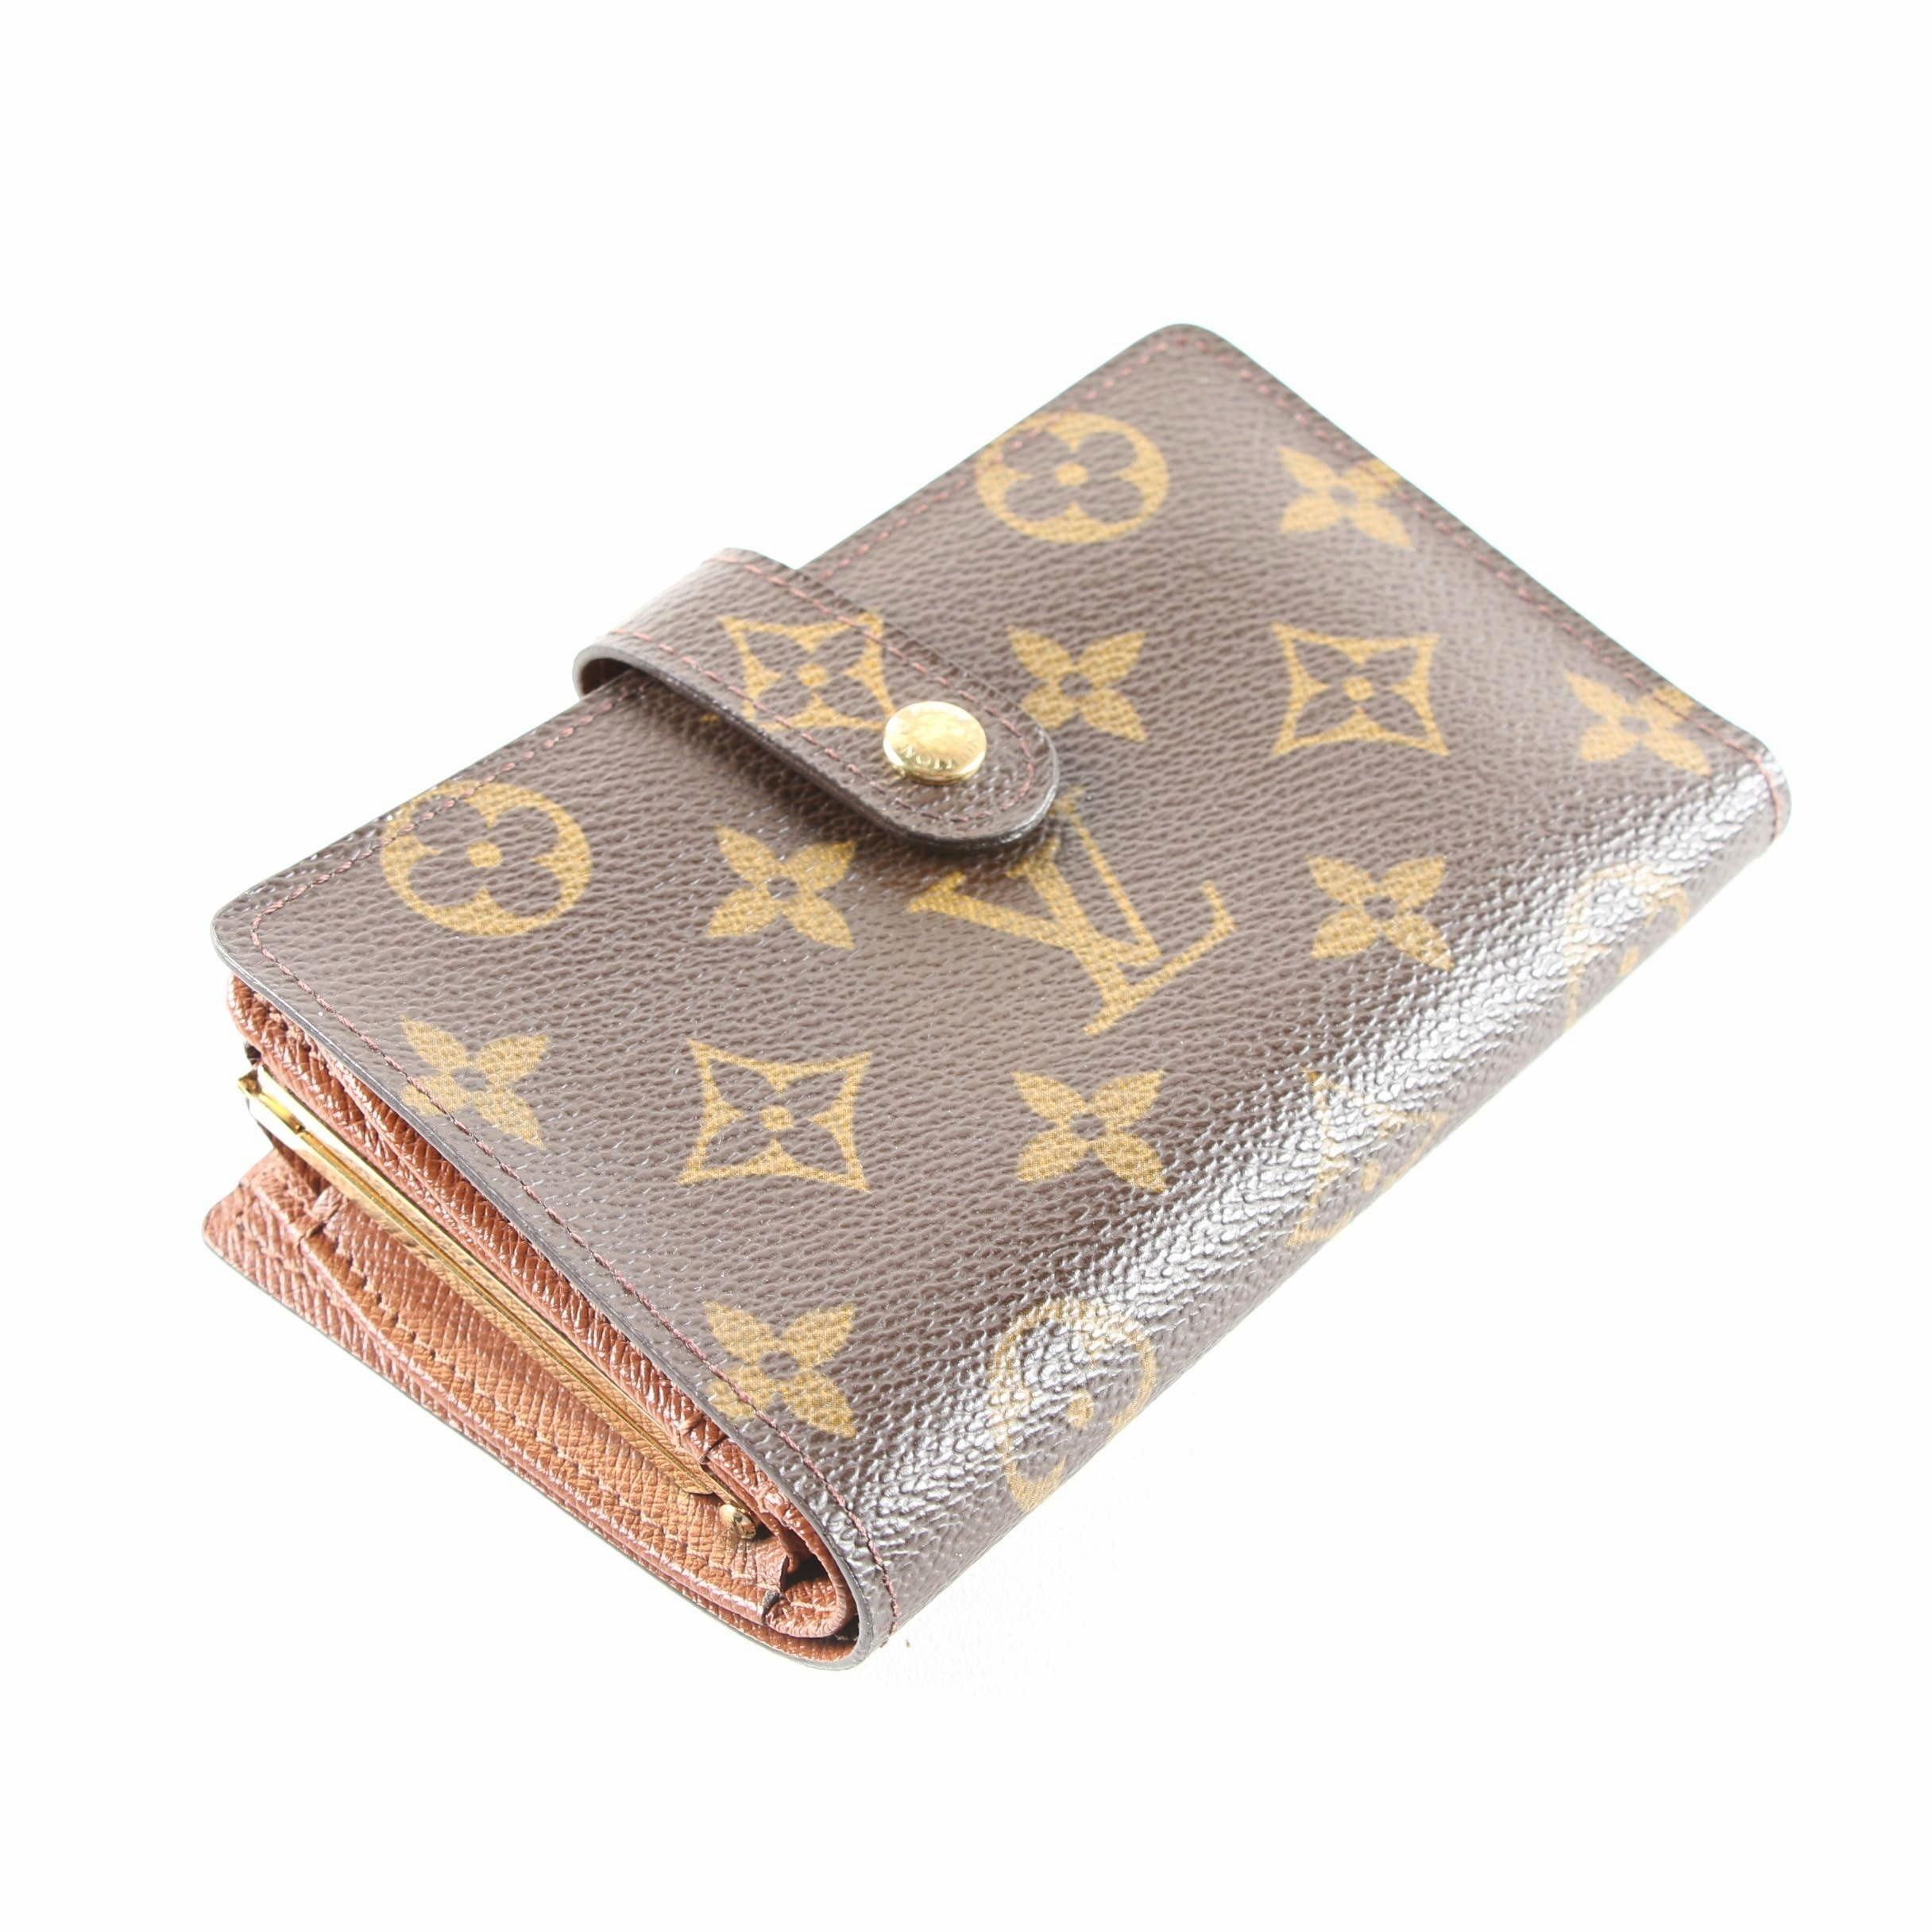 Louis Vuitton of Paris Monogram French Purse Wallet